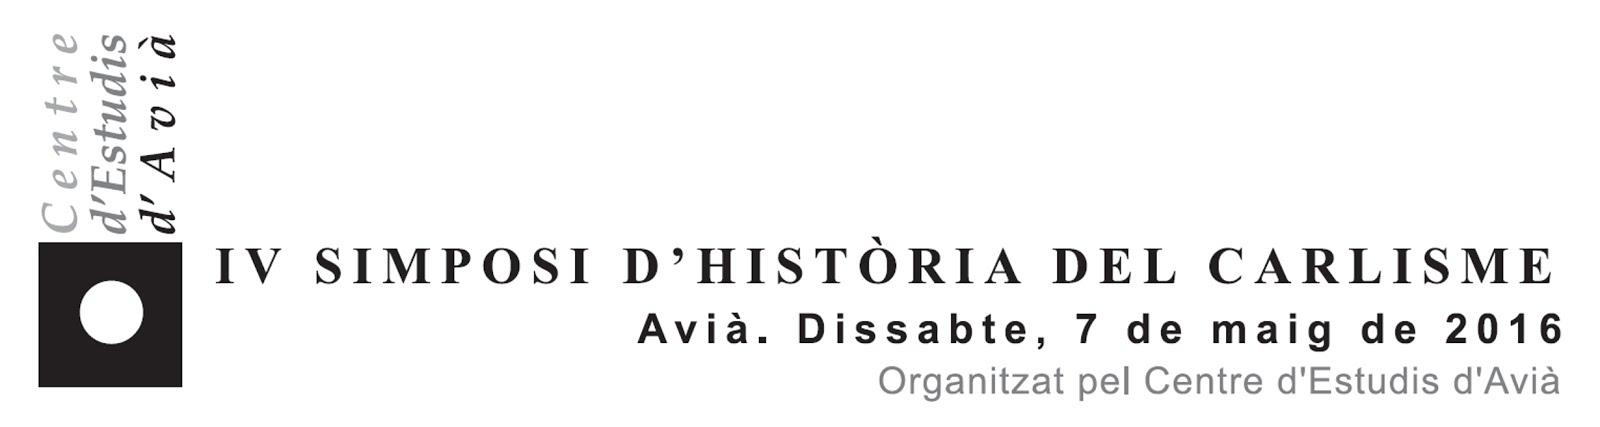 IV SImposi d'Història del Carlisme